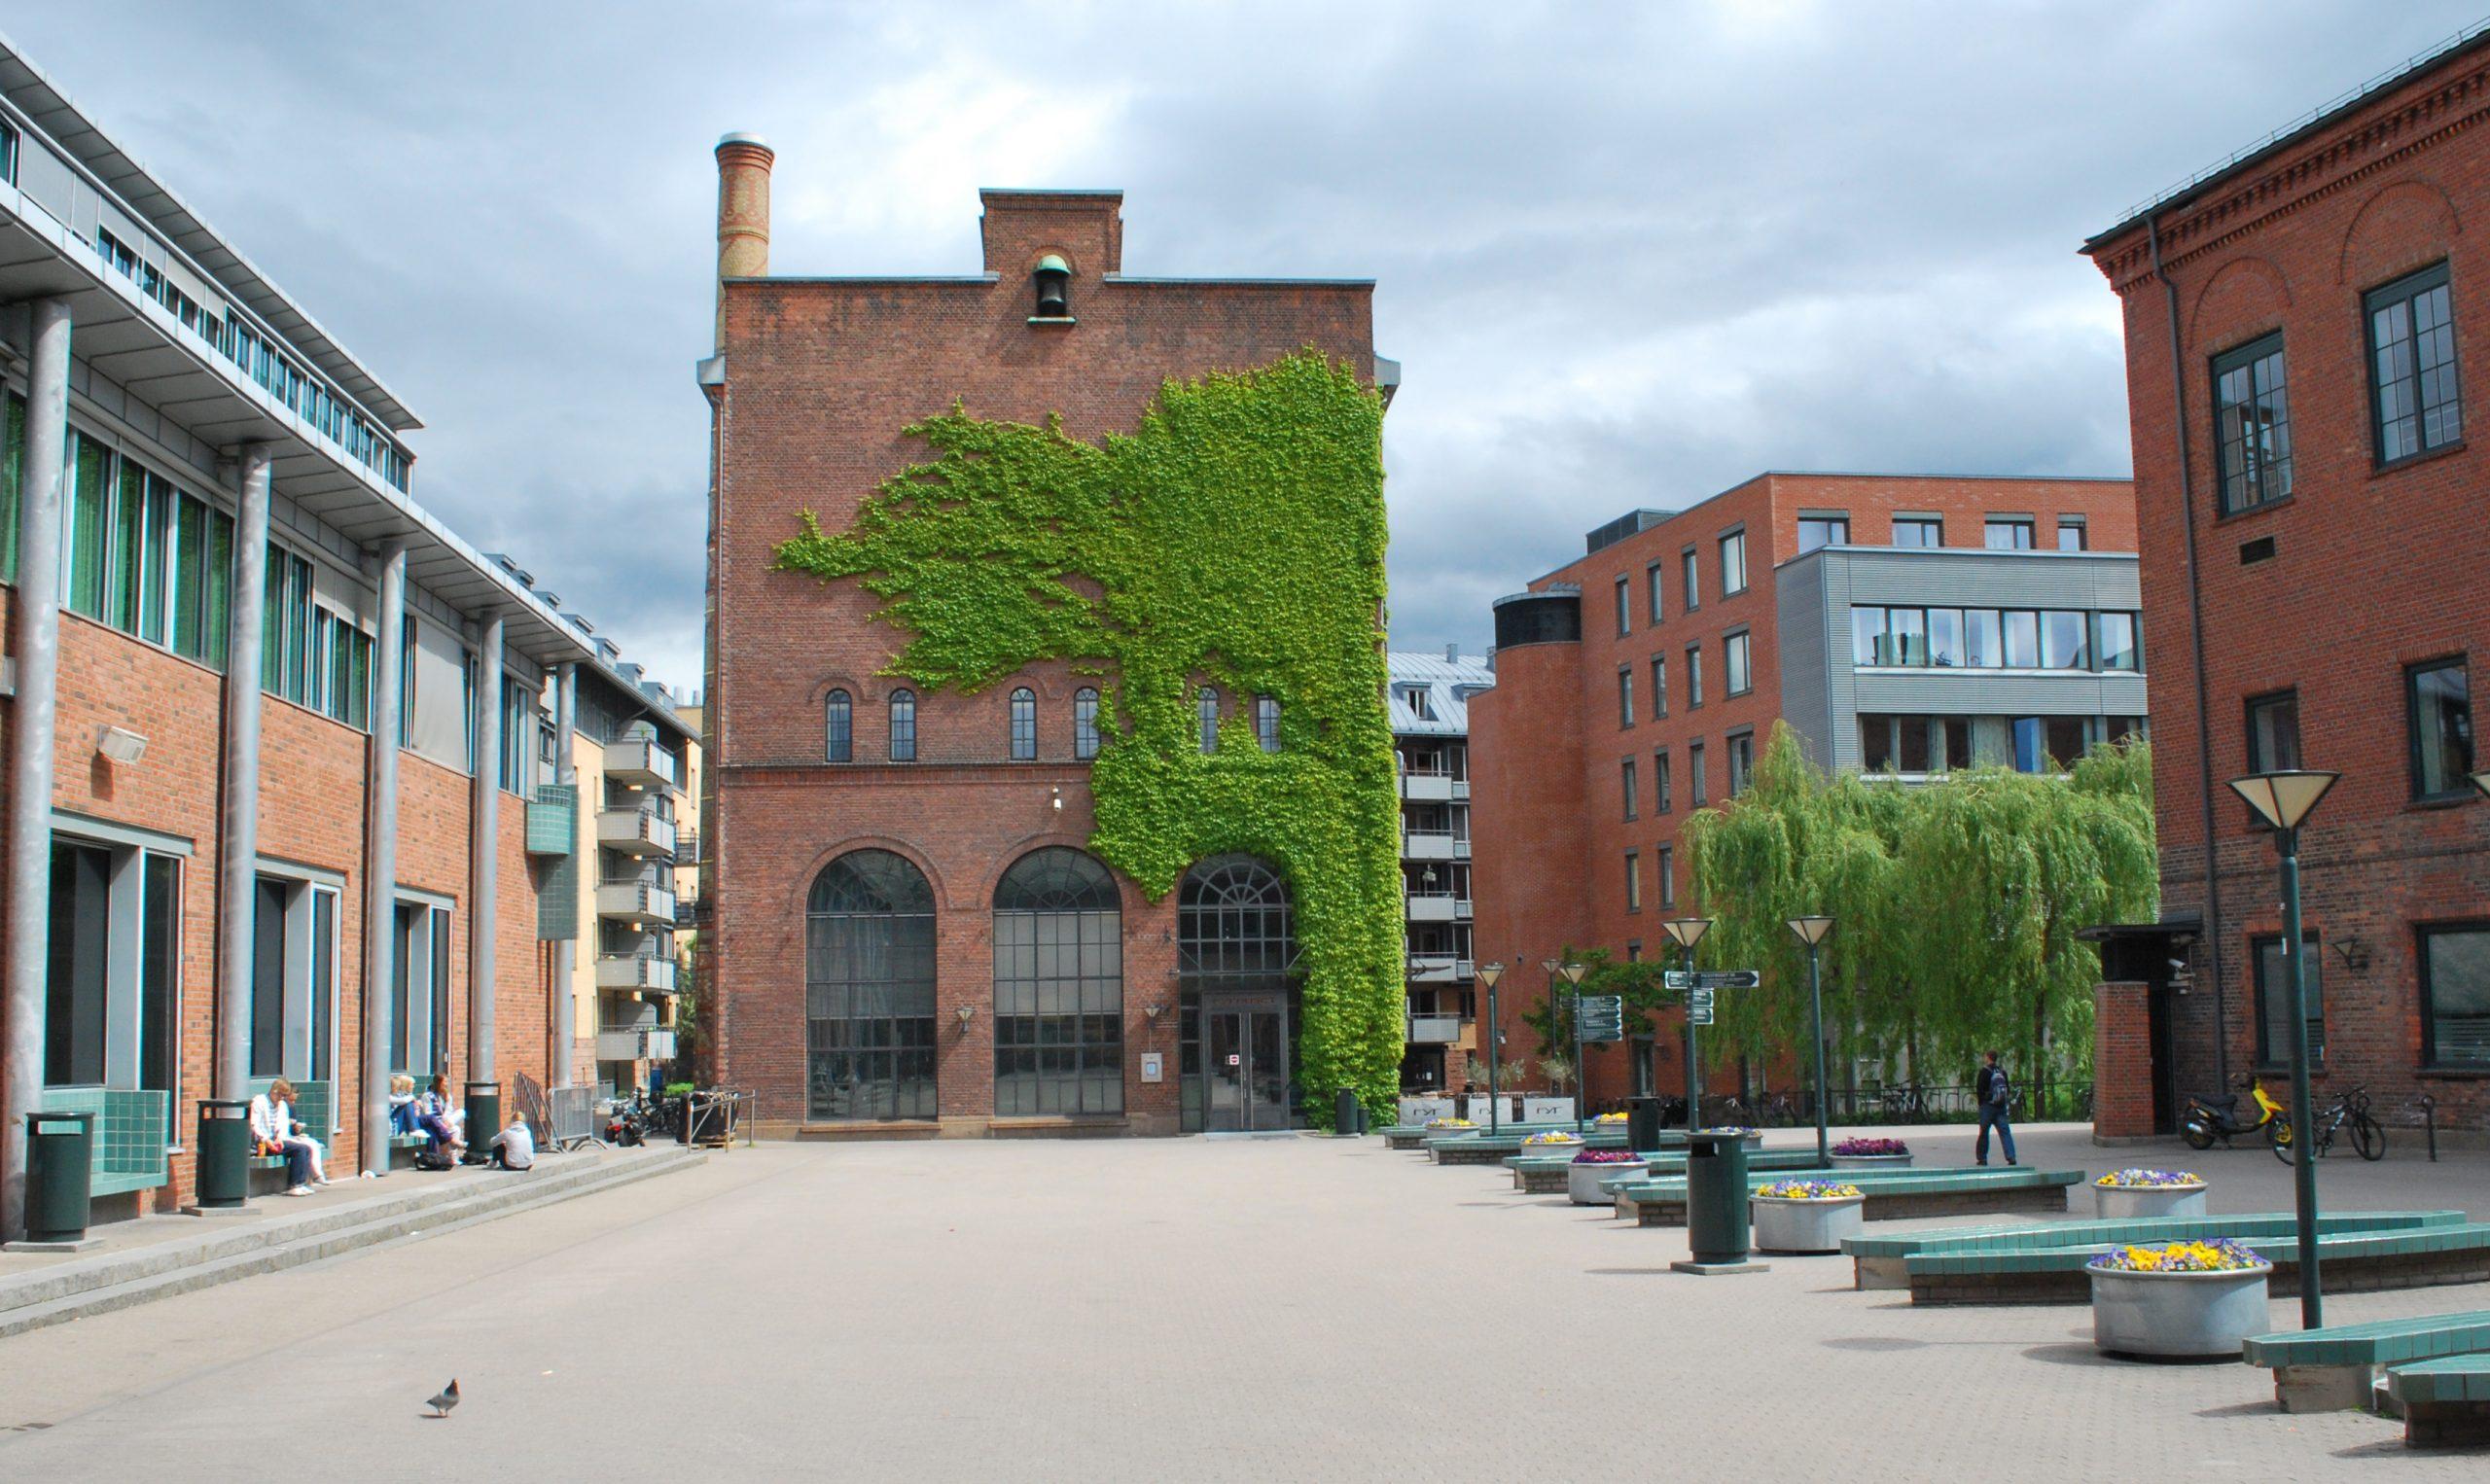 Det nyaste universitetet i Oslo kan bli nødt til å følgja norske rettskrivingsreglar. Foto: Helge Høifødt [CC BY-SA 4.0]